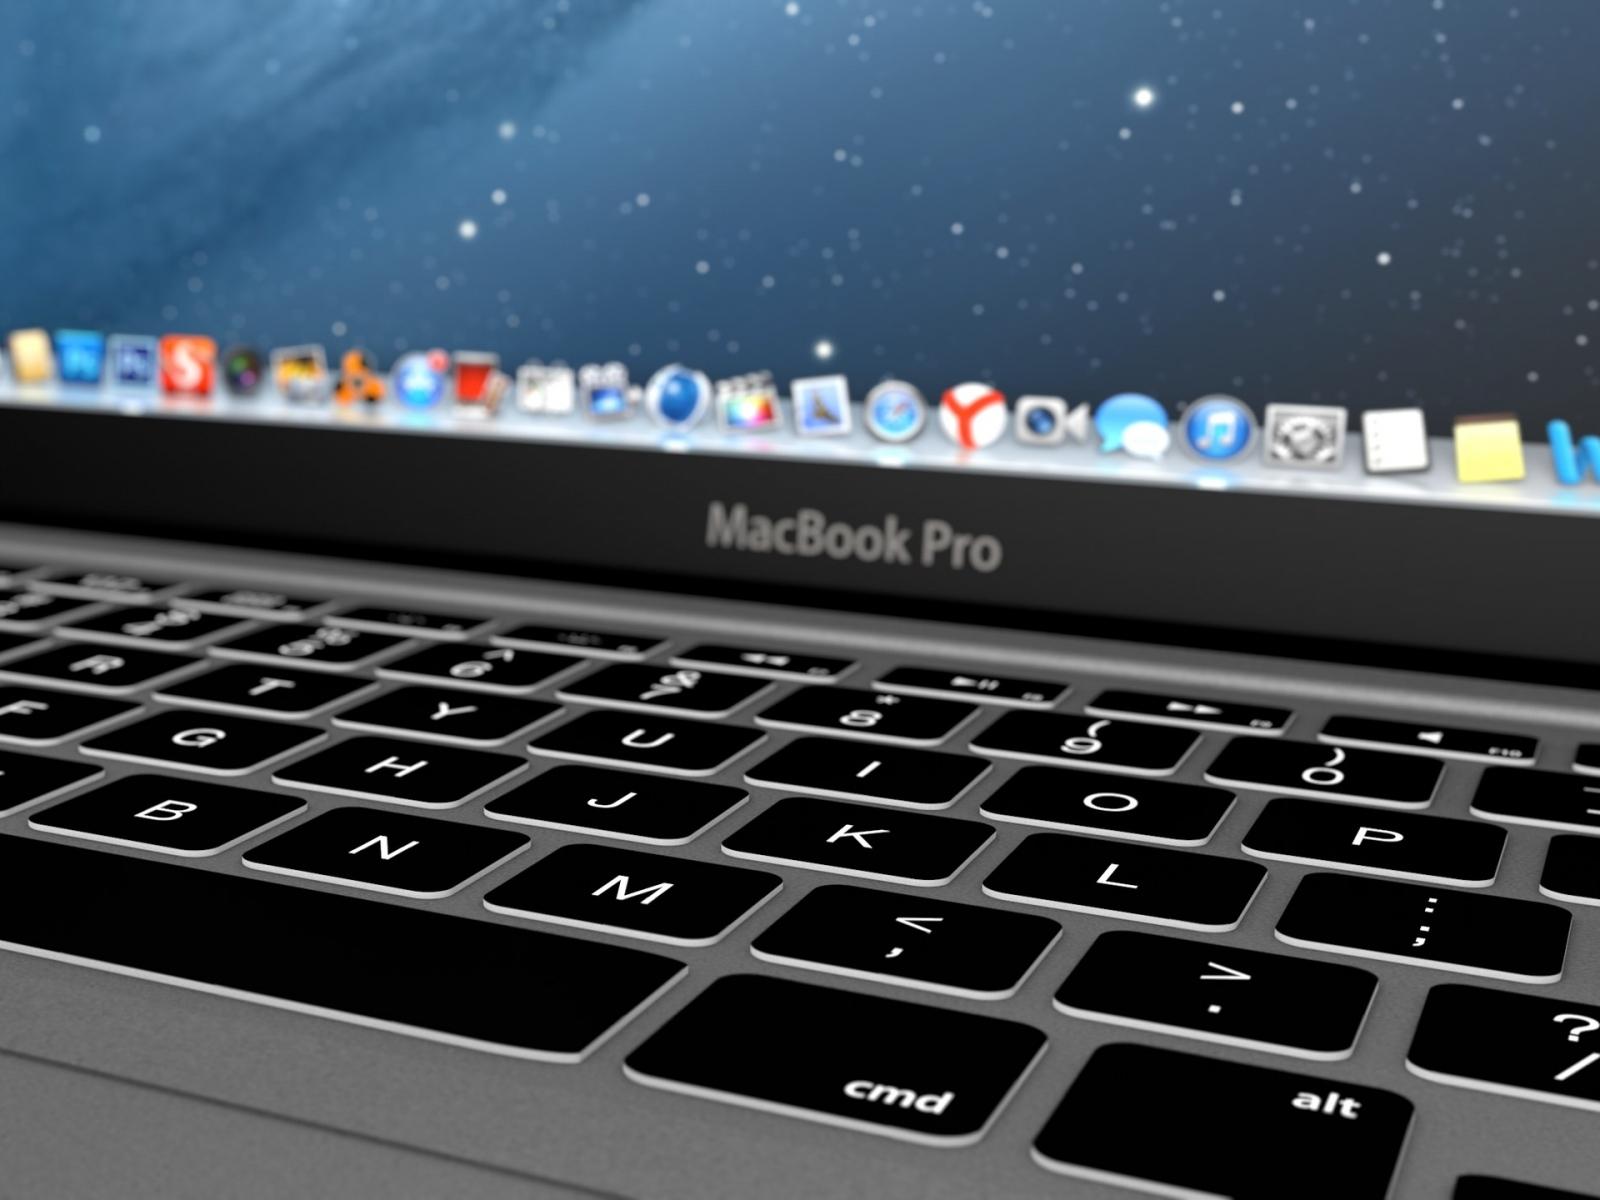 Ремонт клавиатуры MacBook Pro